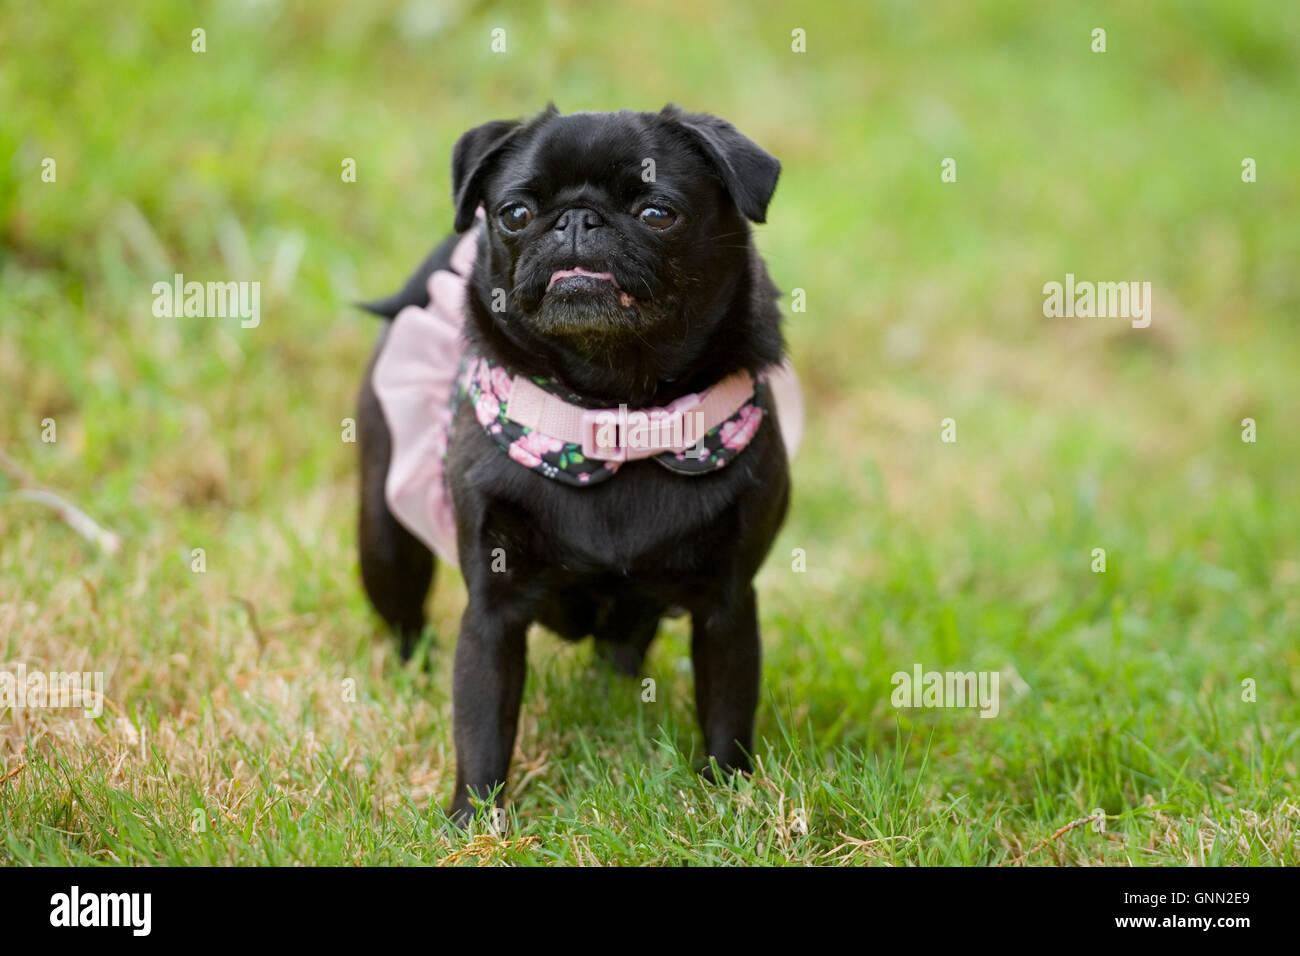 pug dog in a tutu - Stock Image